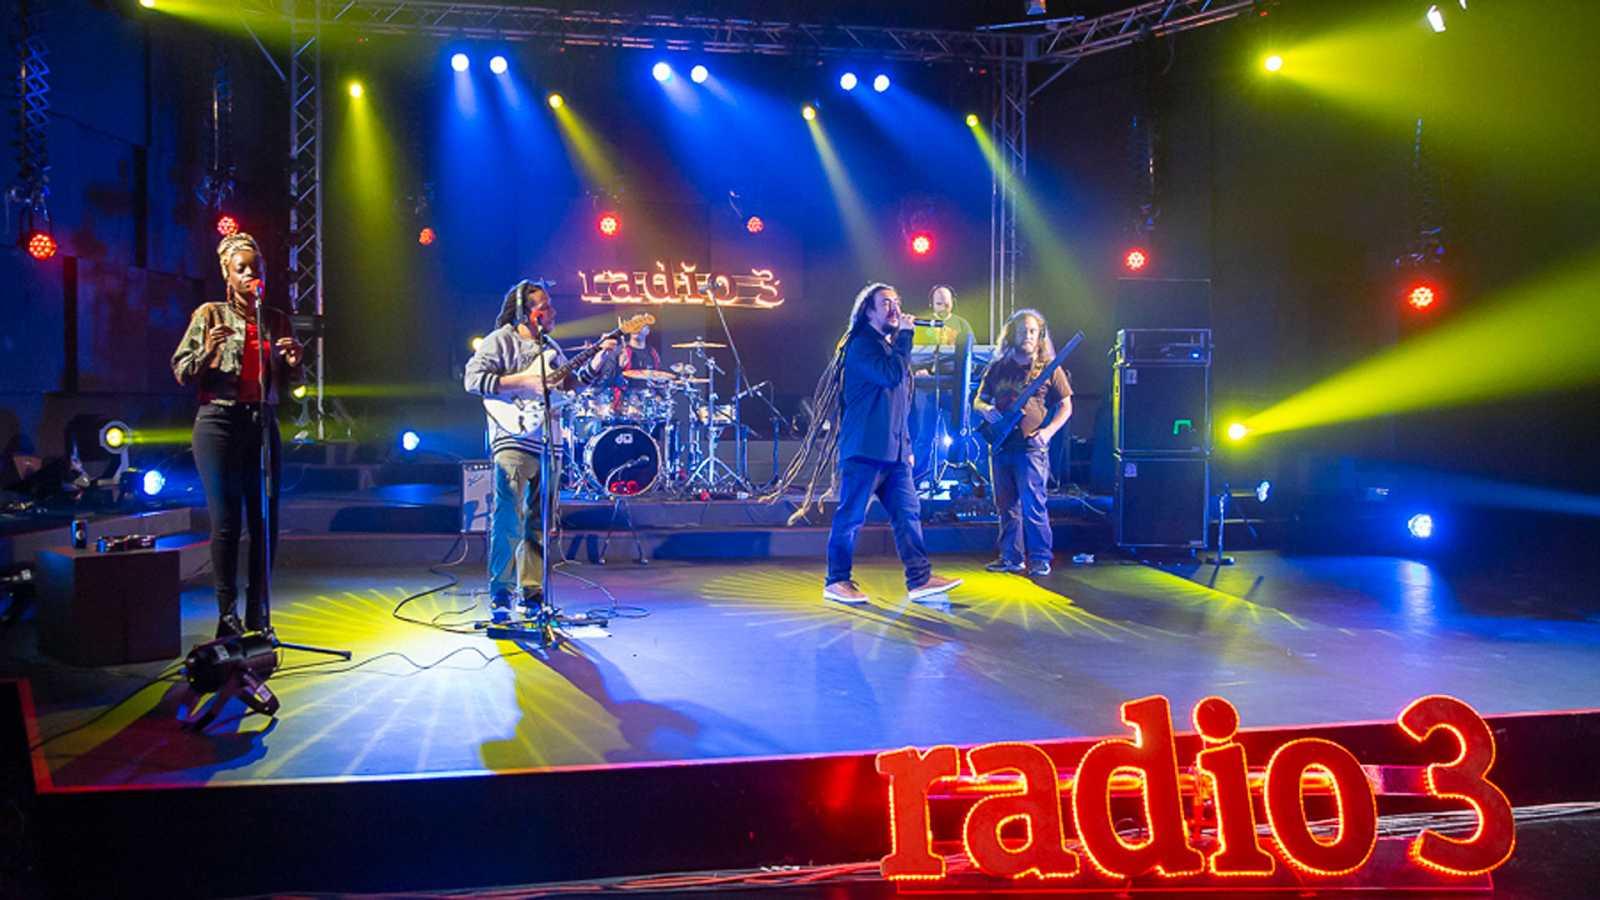 Los conciertos de Radio 3 - Morodo - 18/02/21 - escuchar ahora